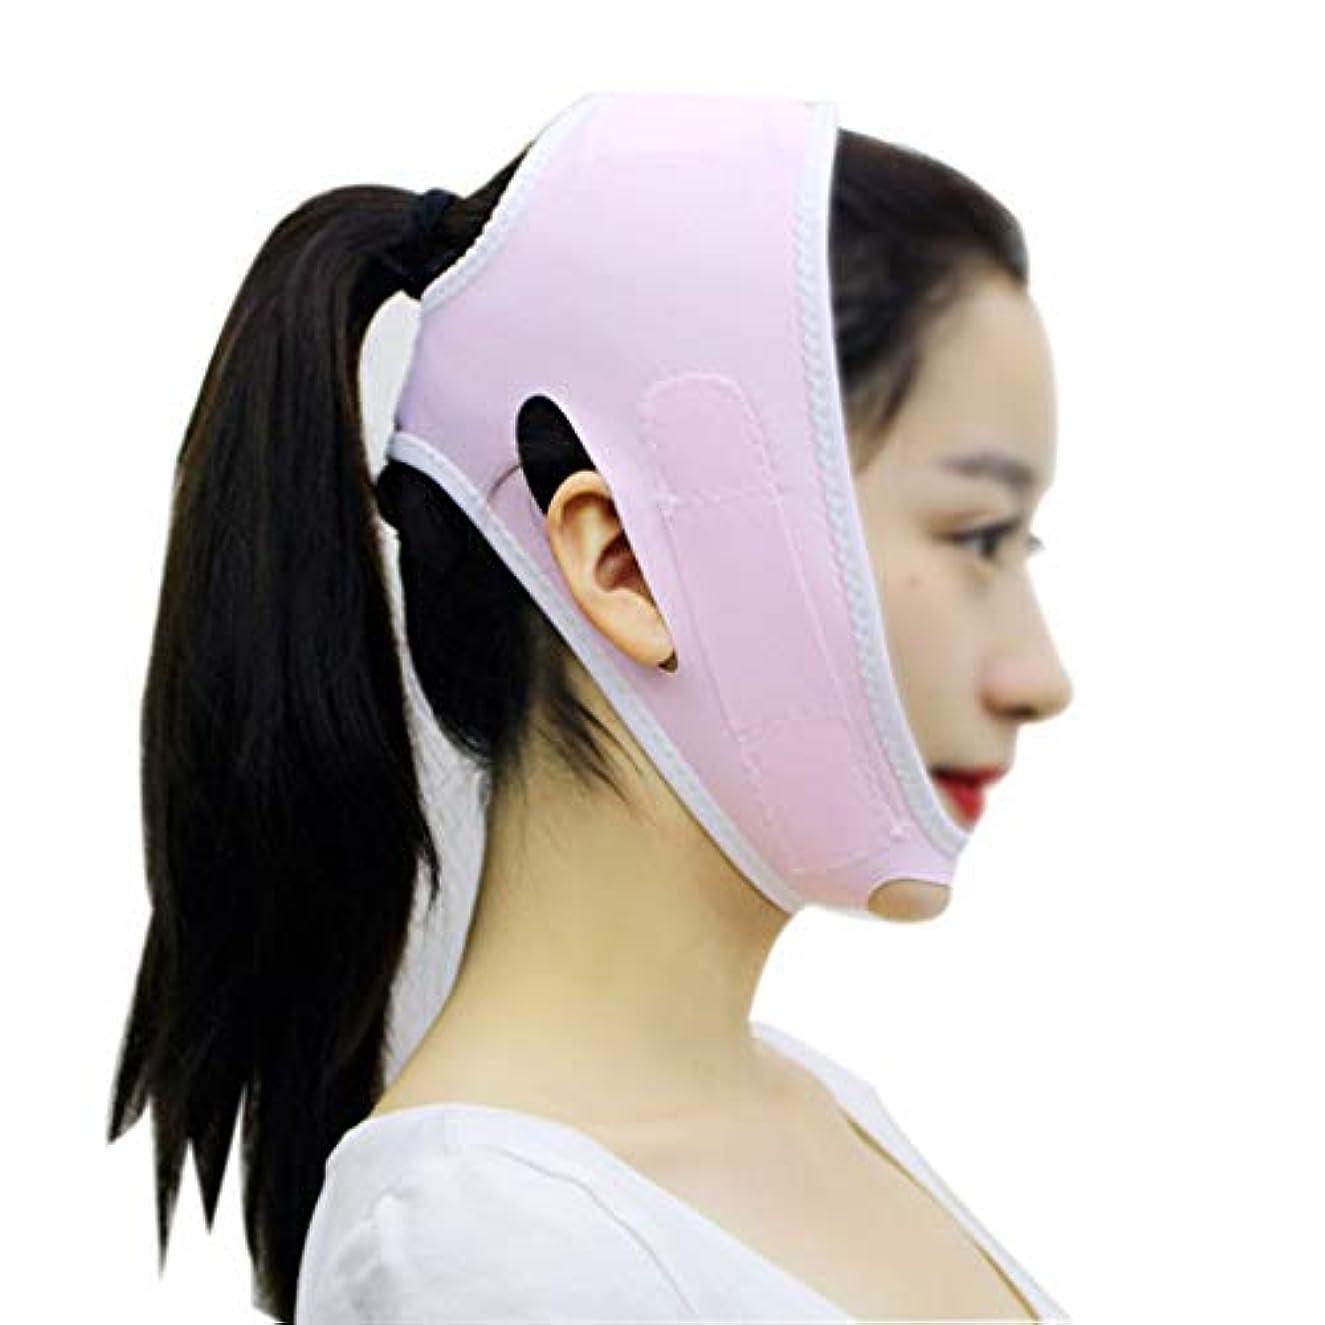 尽きる温度偏差GLJJQMY 引き締め肌の薄い二重あごマスクを強化するためのフェイスリフティング包帯回復マスク 顔用整形マスク (Color : Pink)